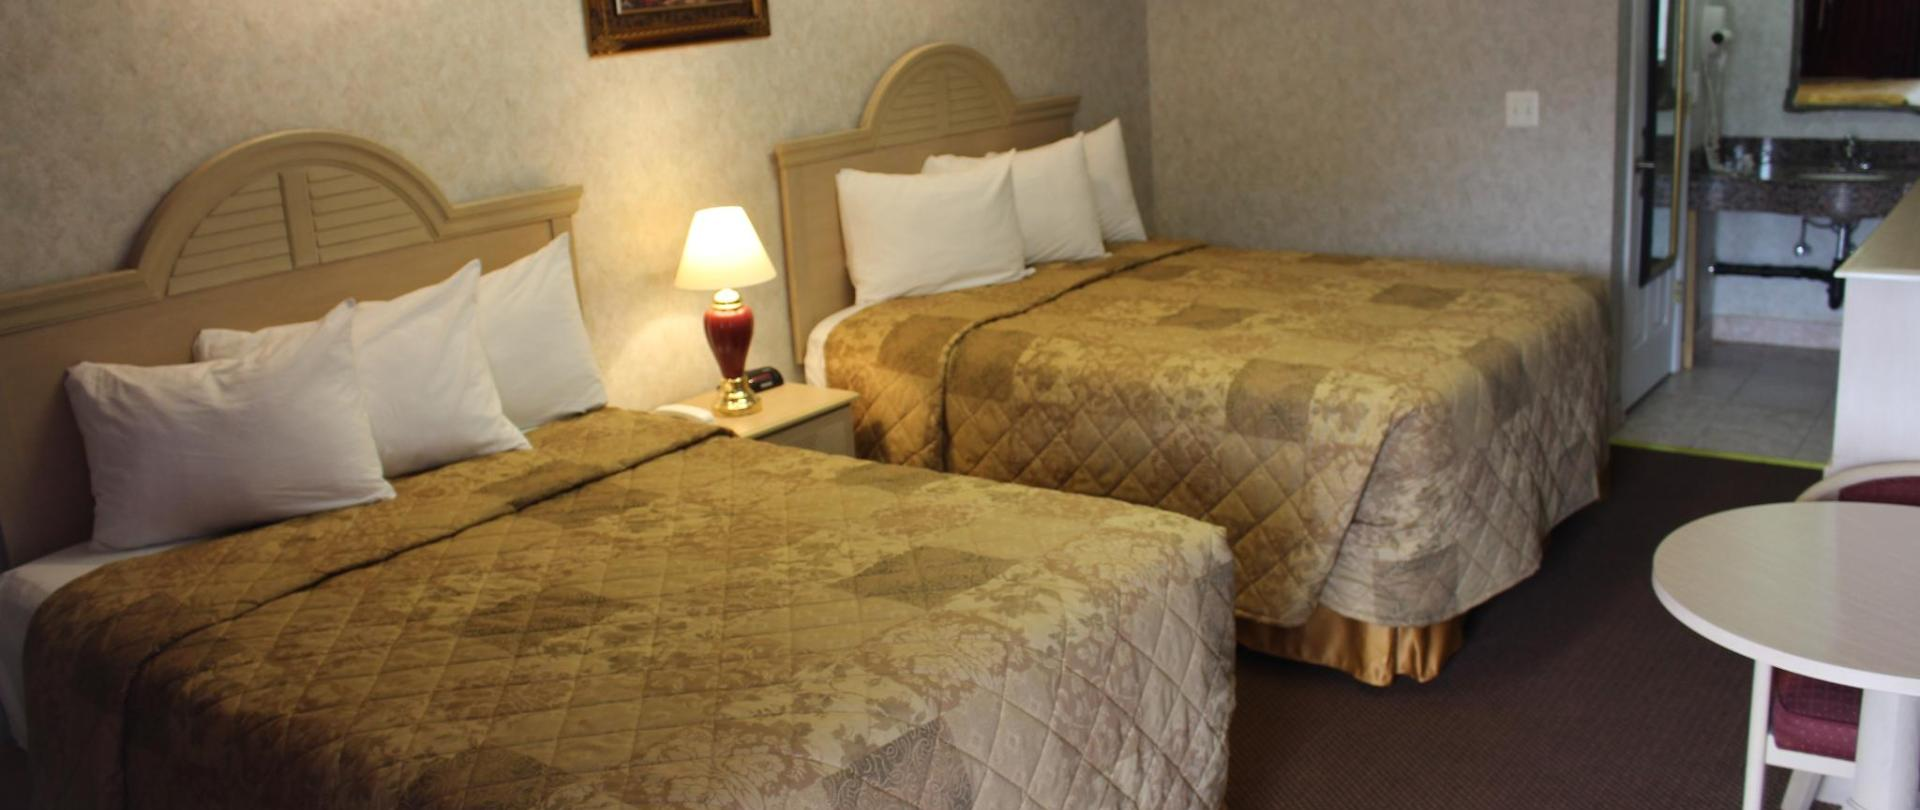 Deluxe Double Bed 1.JPG